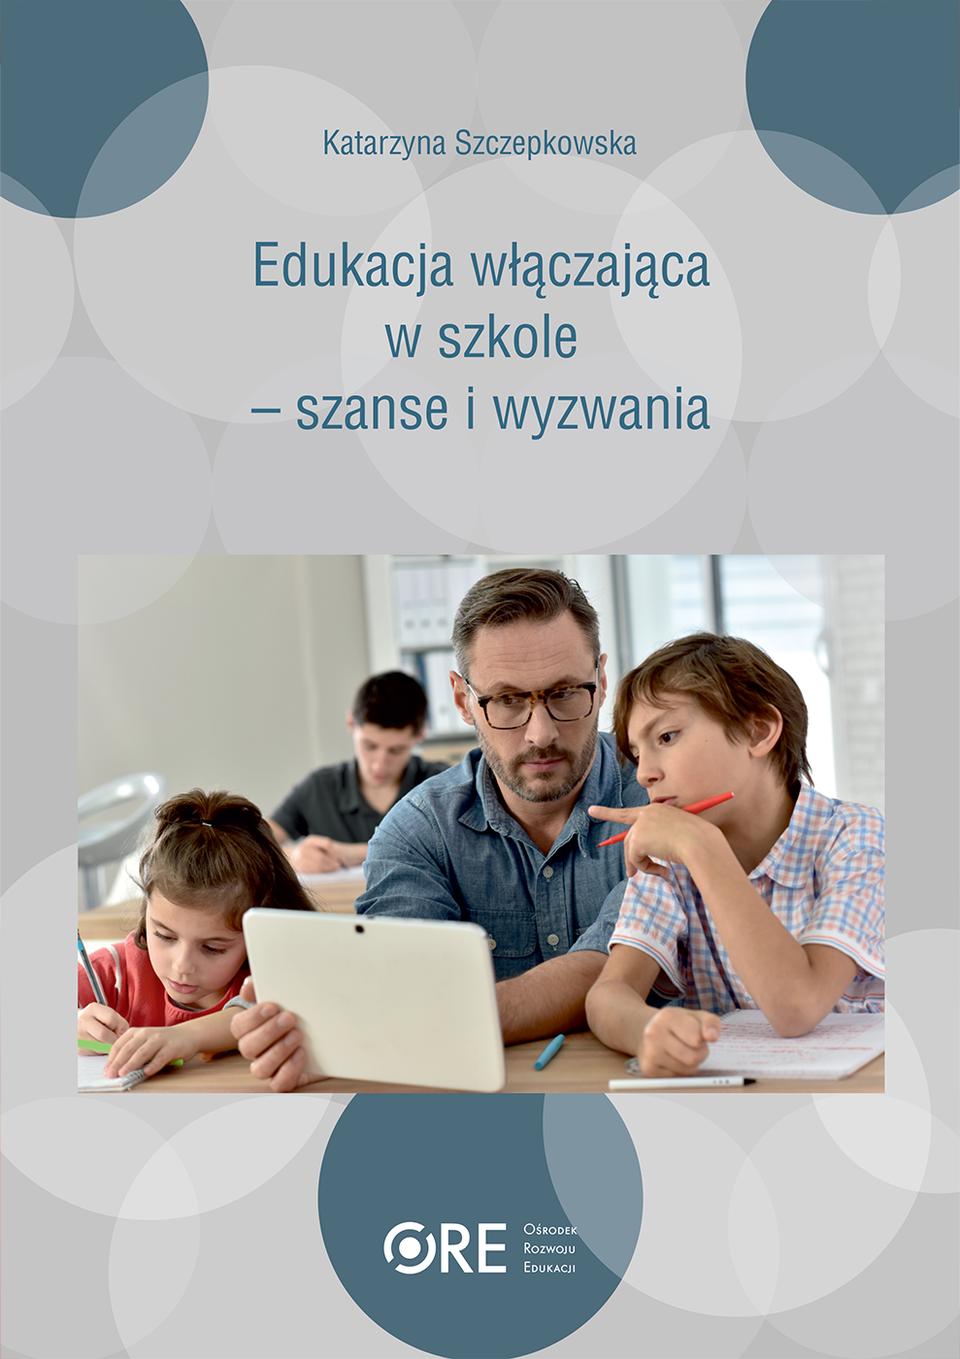 Pobierz plik: K. Szczepkowska Edukacja-wlaczajaca-szanse-i-wyzwania_Edukacja włączająca.pdf